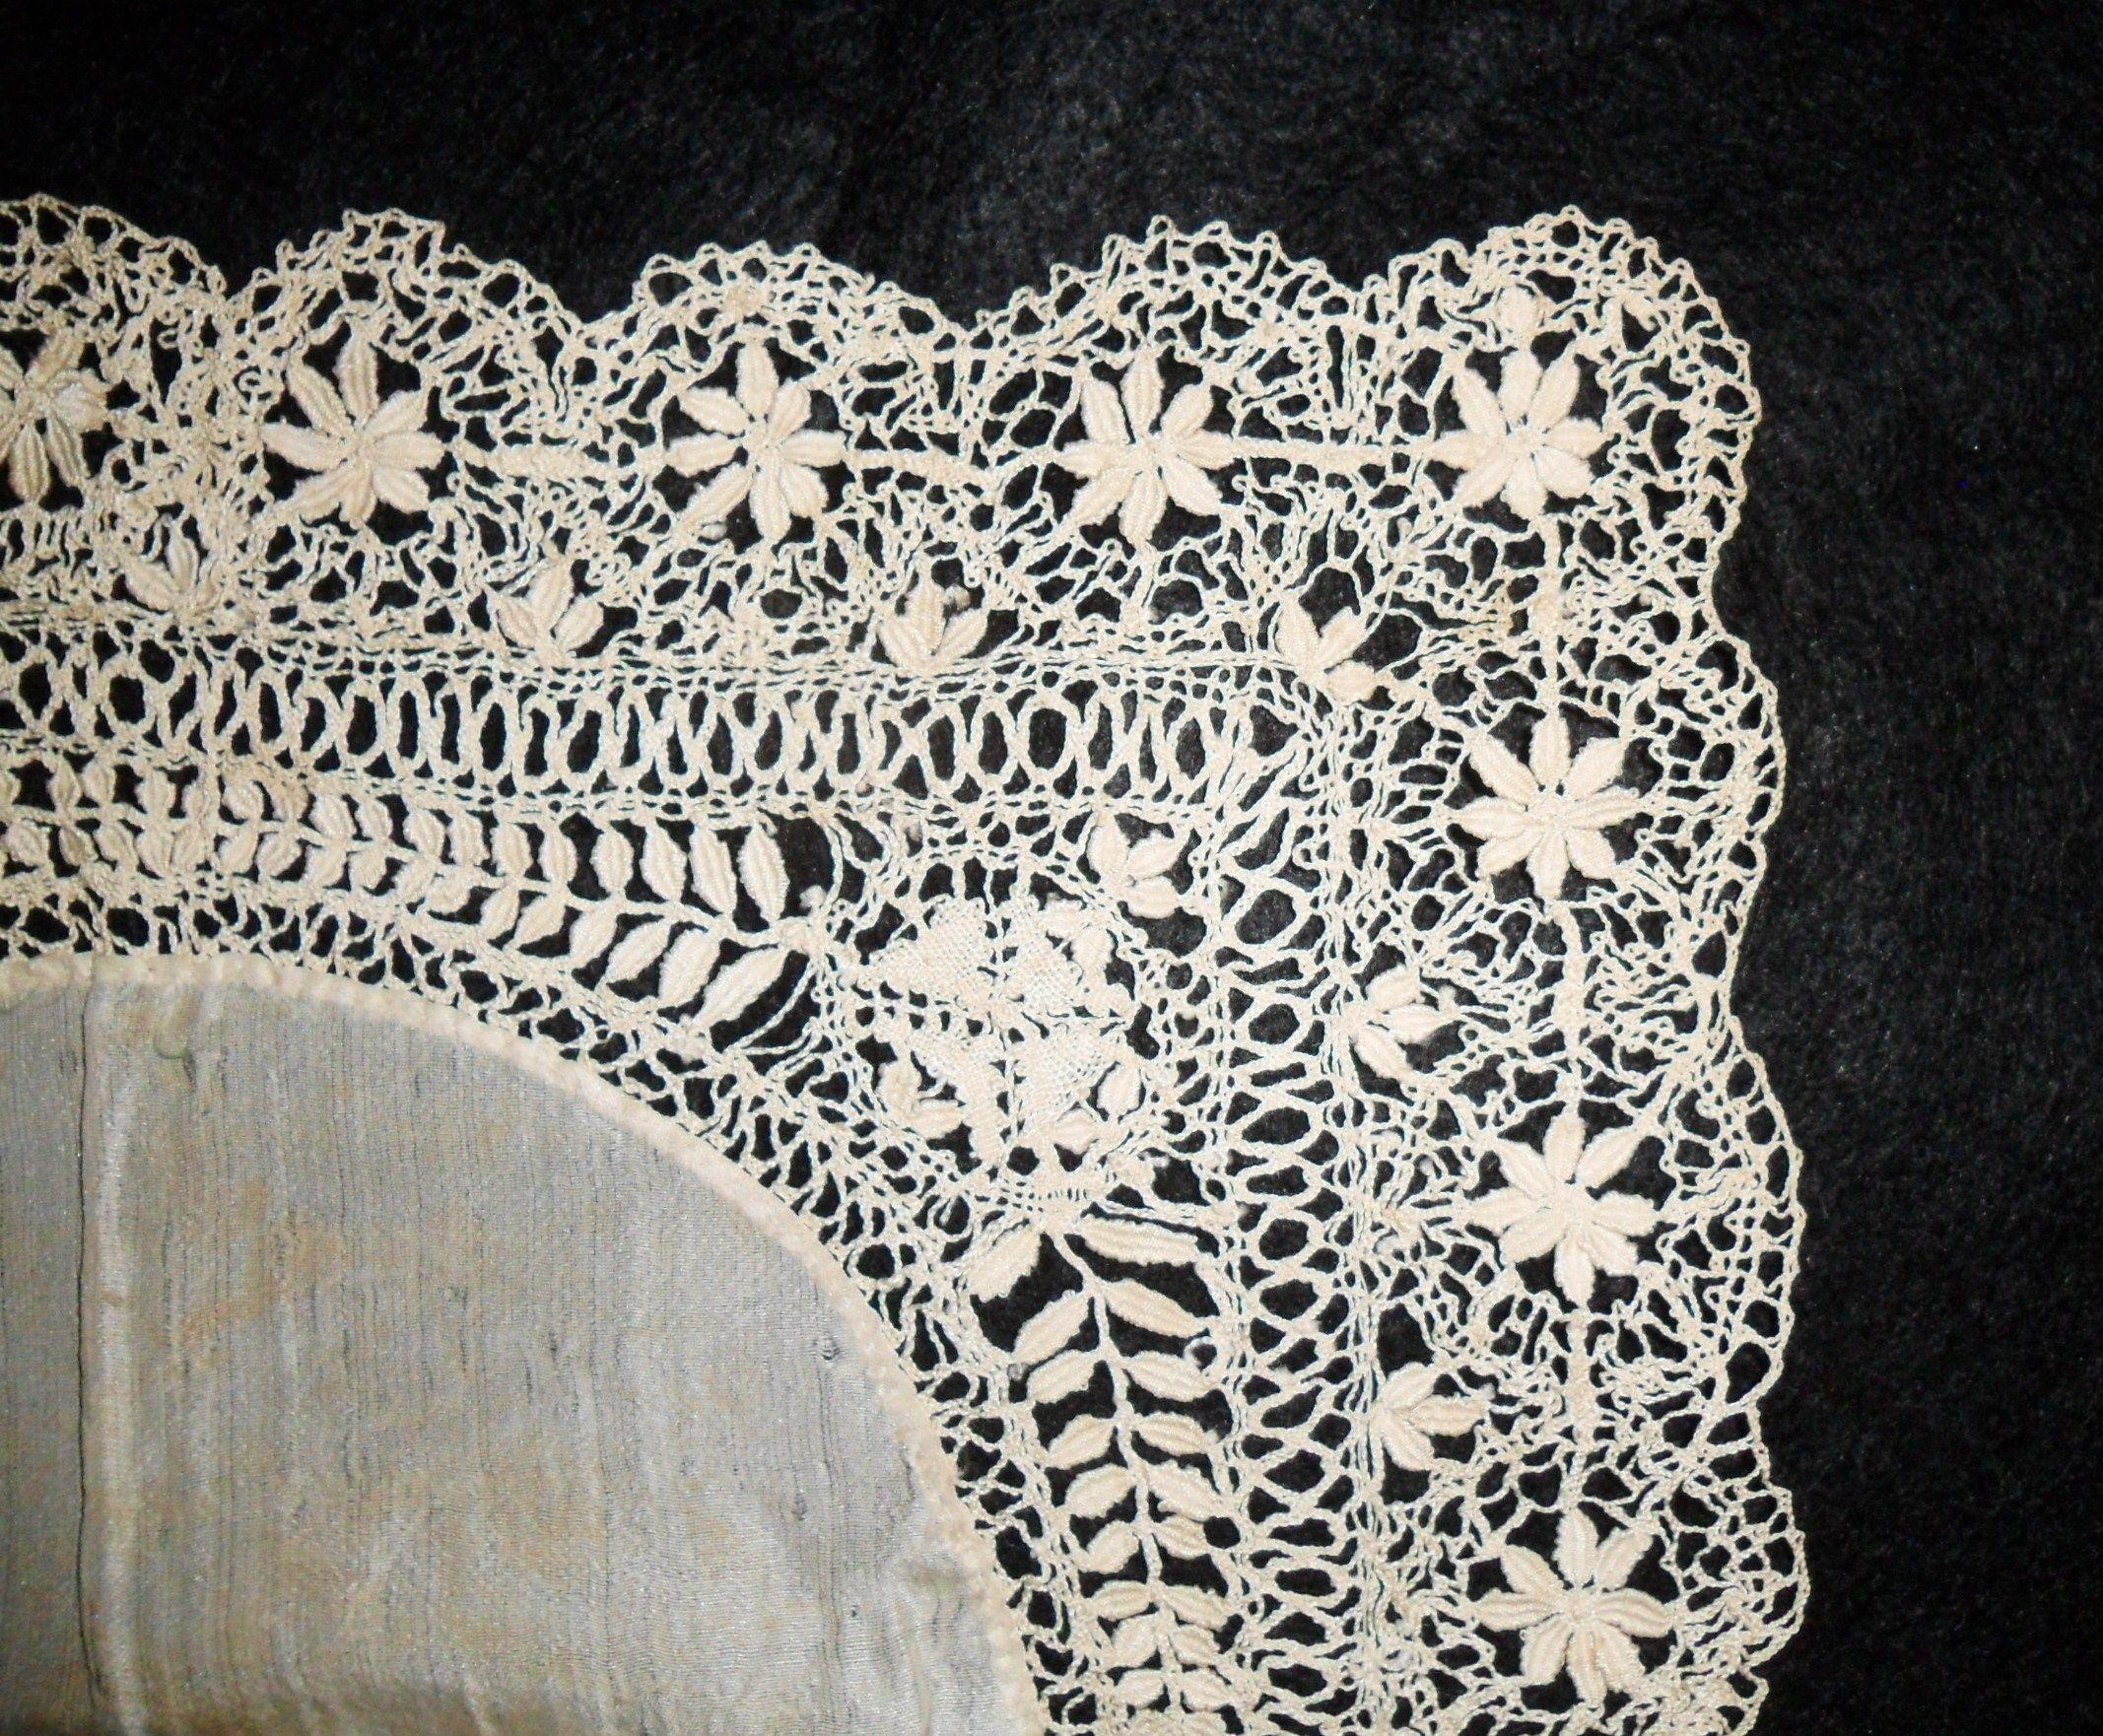 maltese bobbin lace handkerchief - Google Search